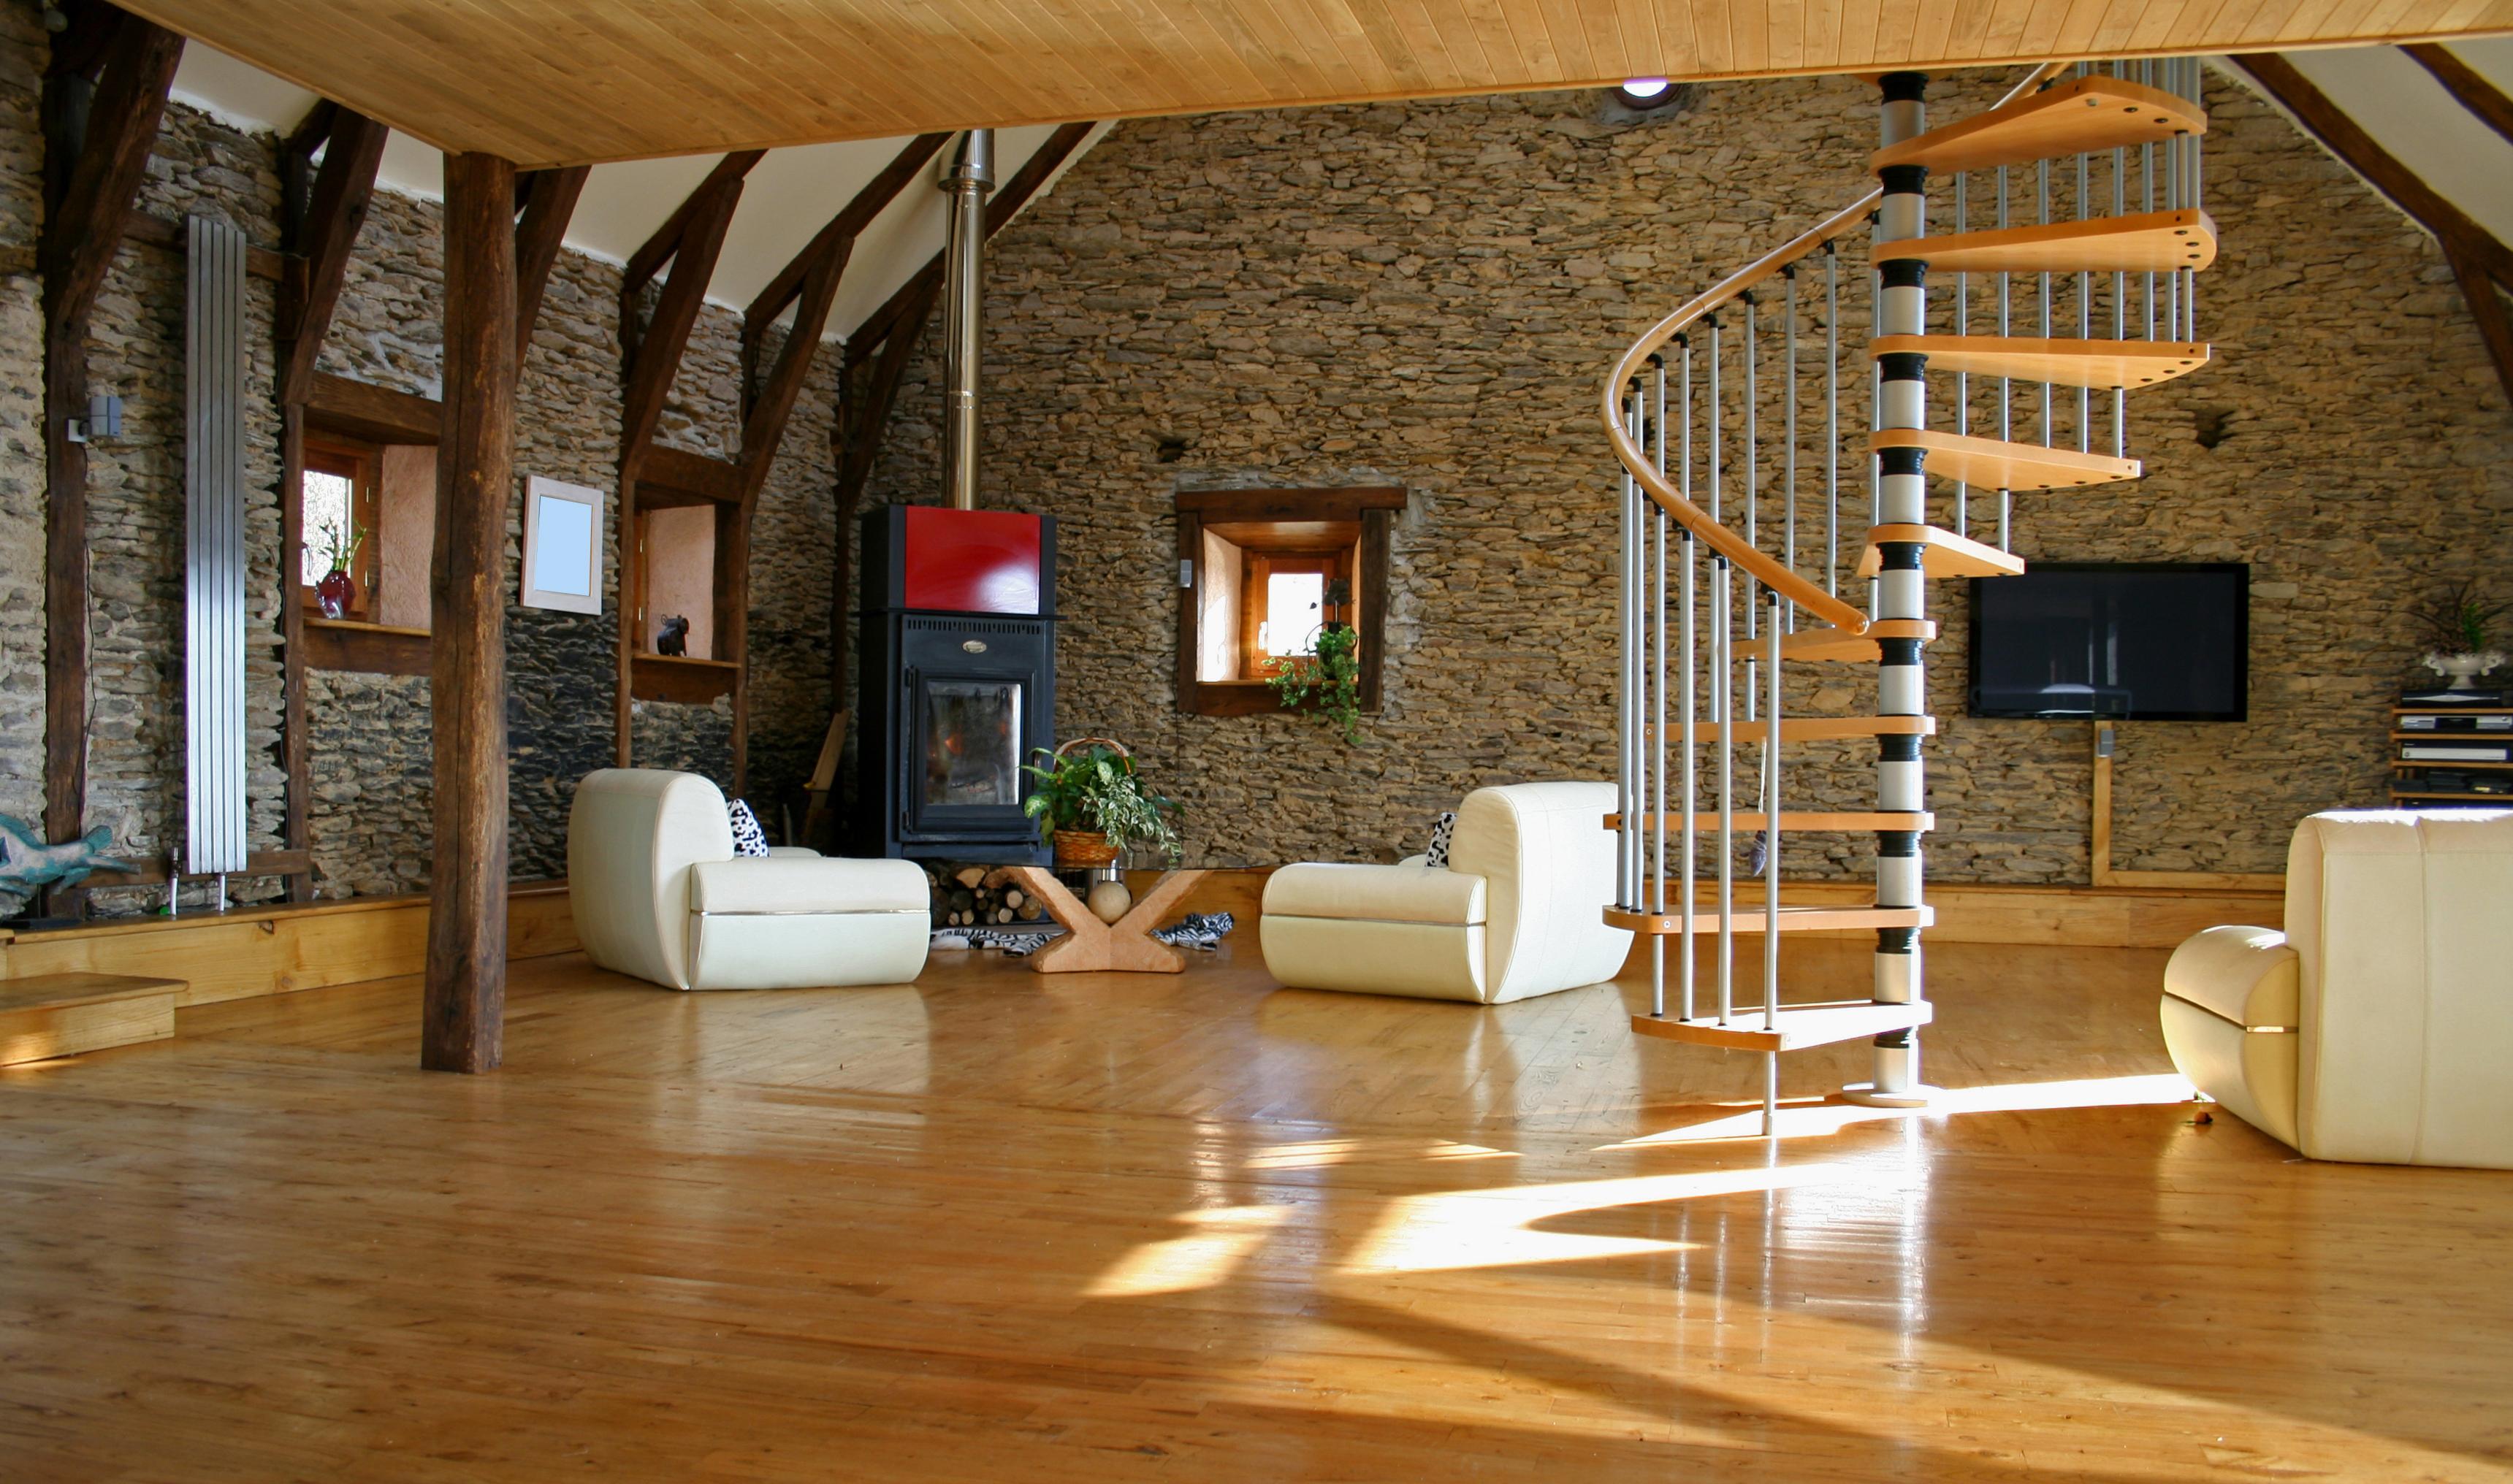 Bruckmüller GmbH | Perfekte Böden aus Meisterhand | Wohnzimmer mit Holzboden